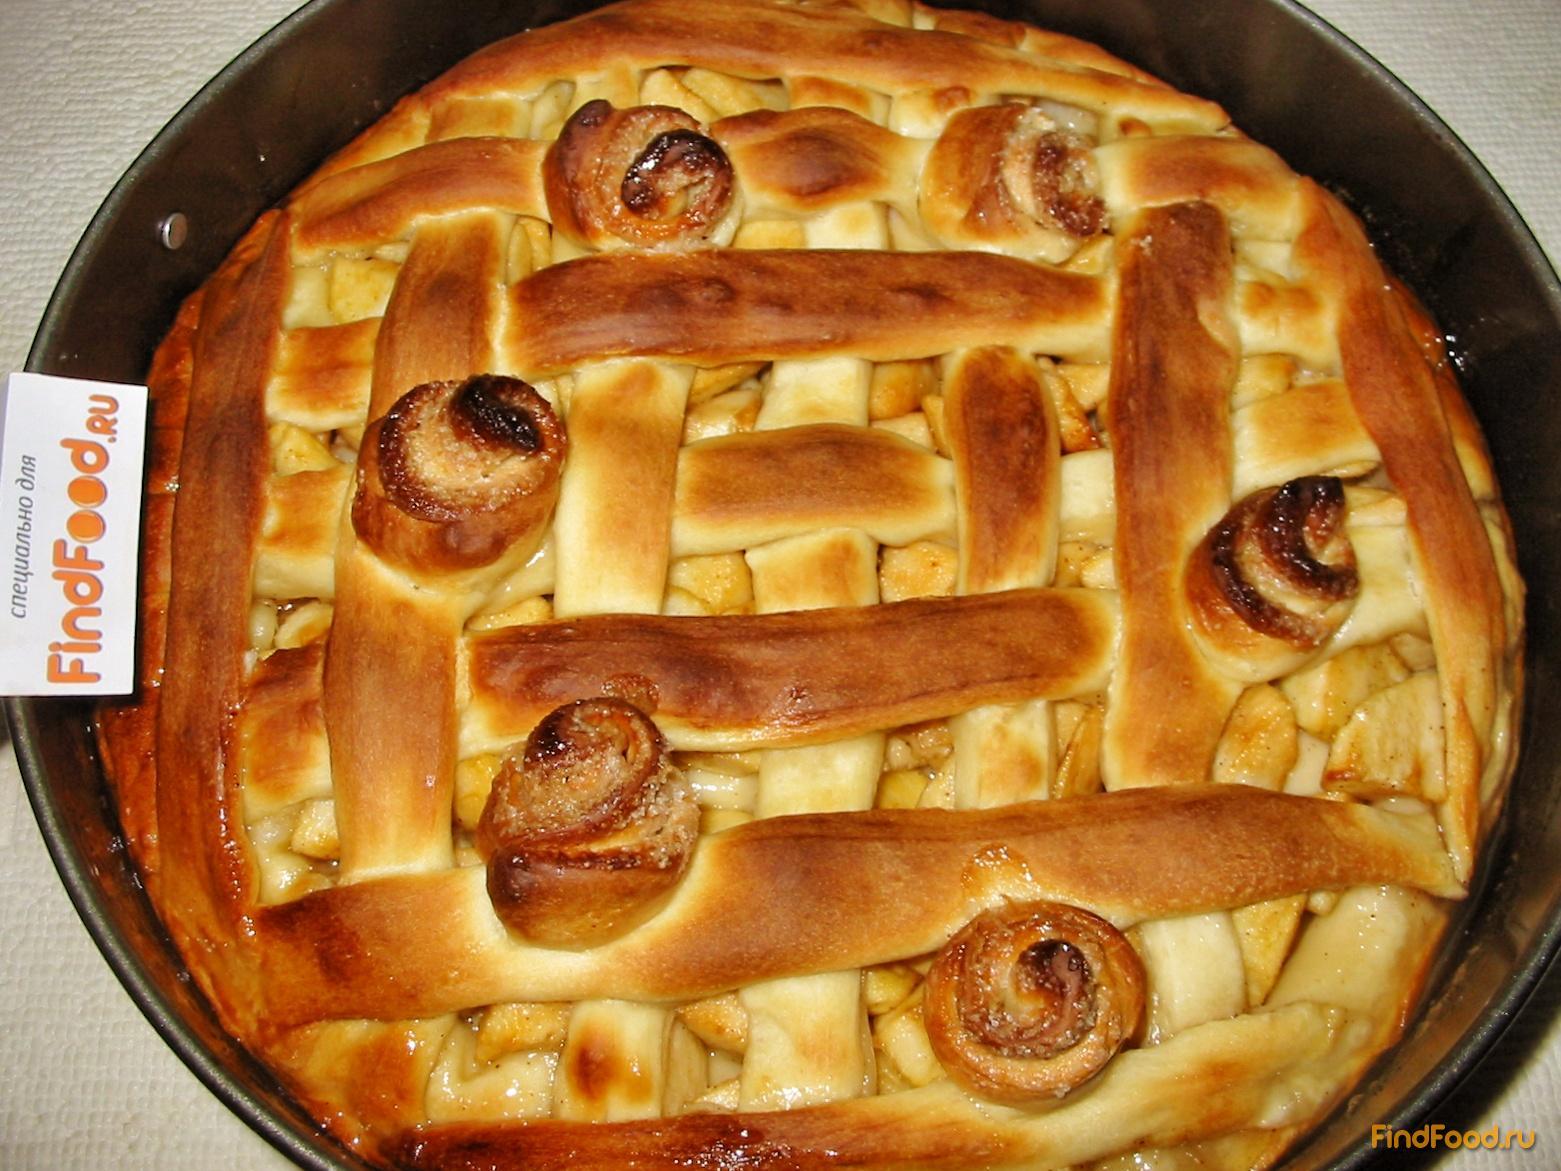 Пирог со сливой рецепт пошагово в духовке из дрожжевого теста